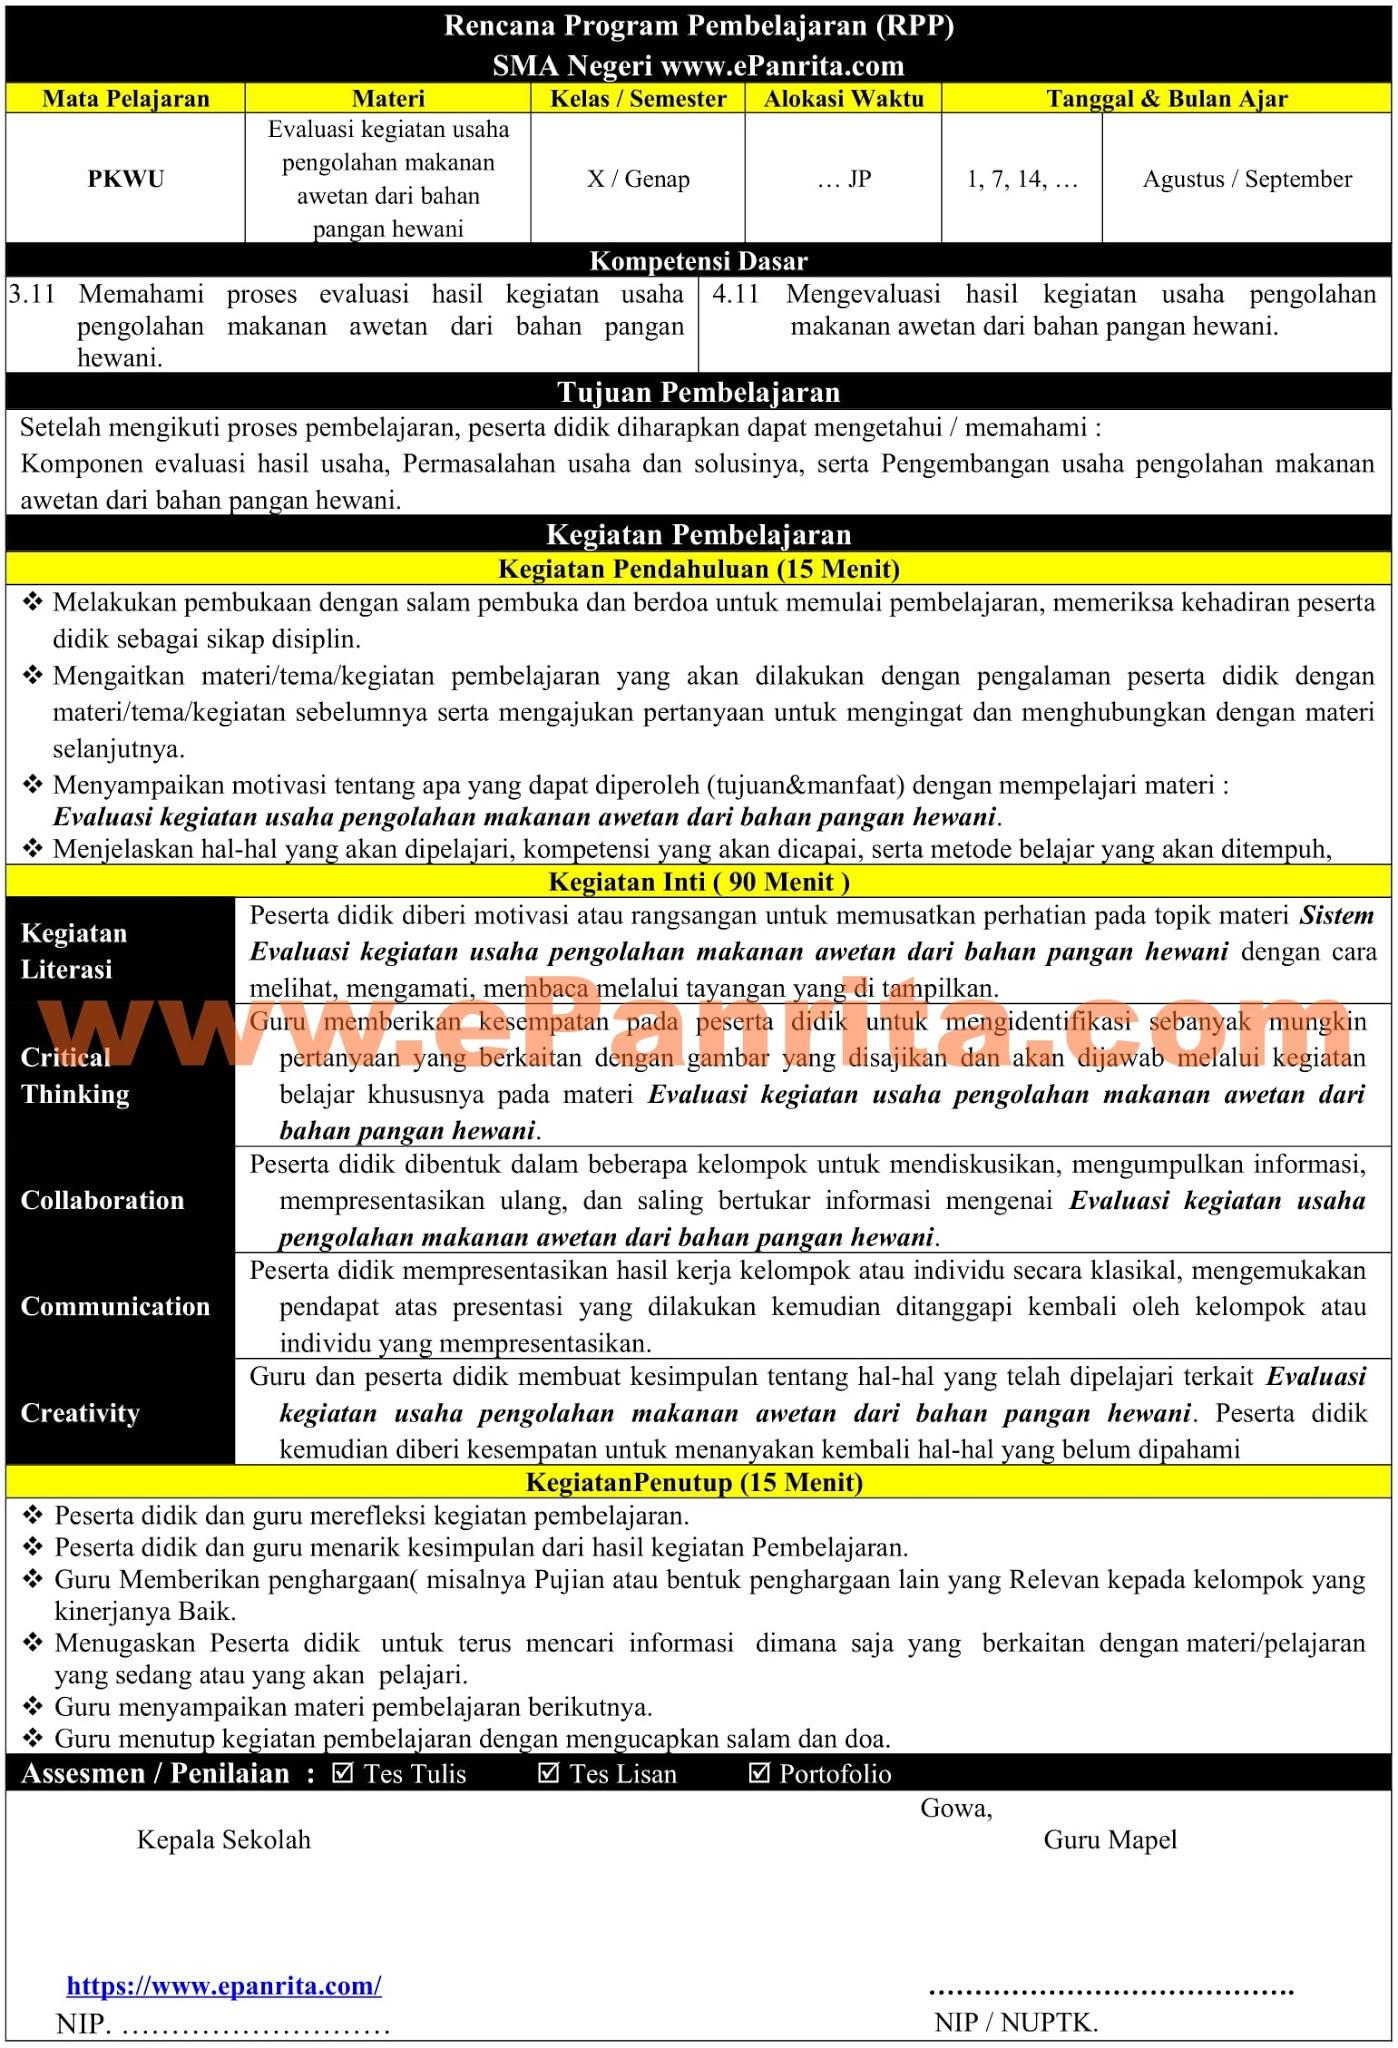 RPP 1 Halaman Prakarya Aspek Pengolahan (Evaluasi kegiatan usaha pengolahan makanan awetan dari bahan pangan hewani)